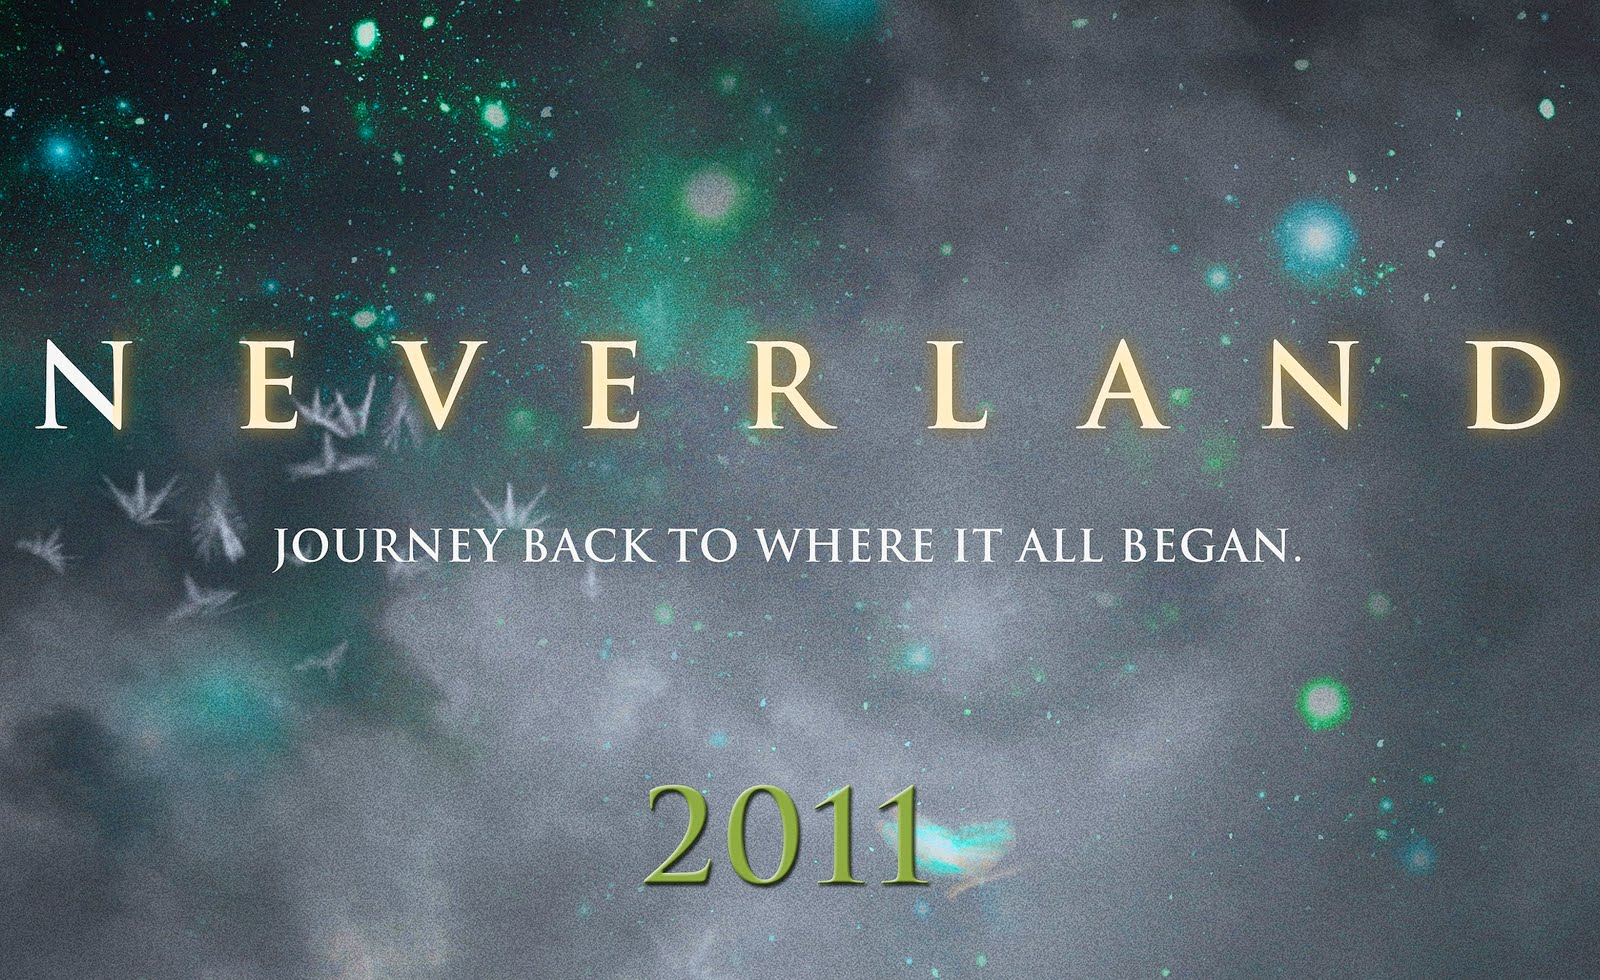 Peter pan neverland